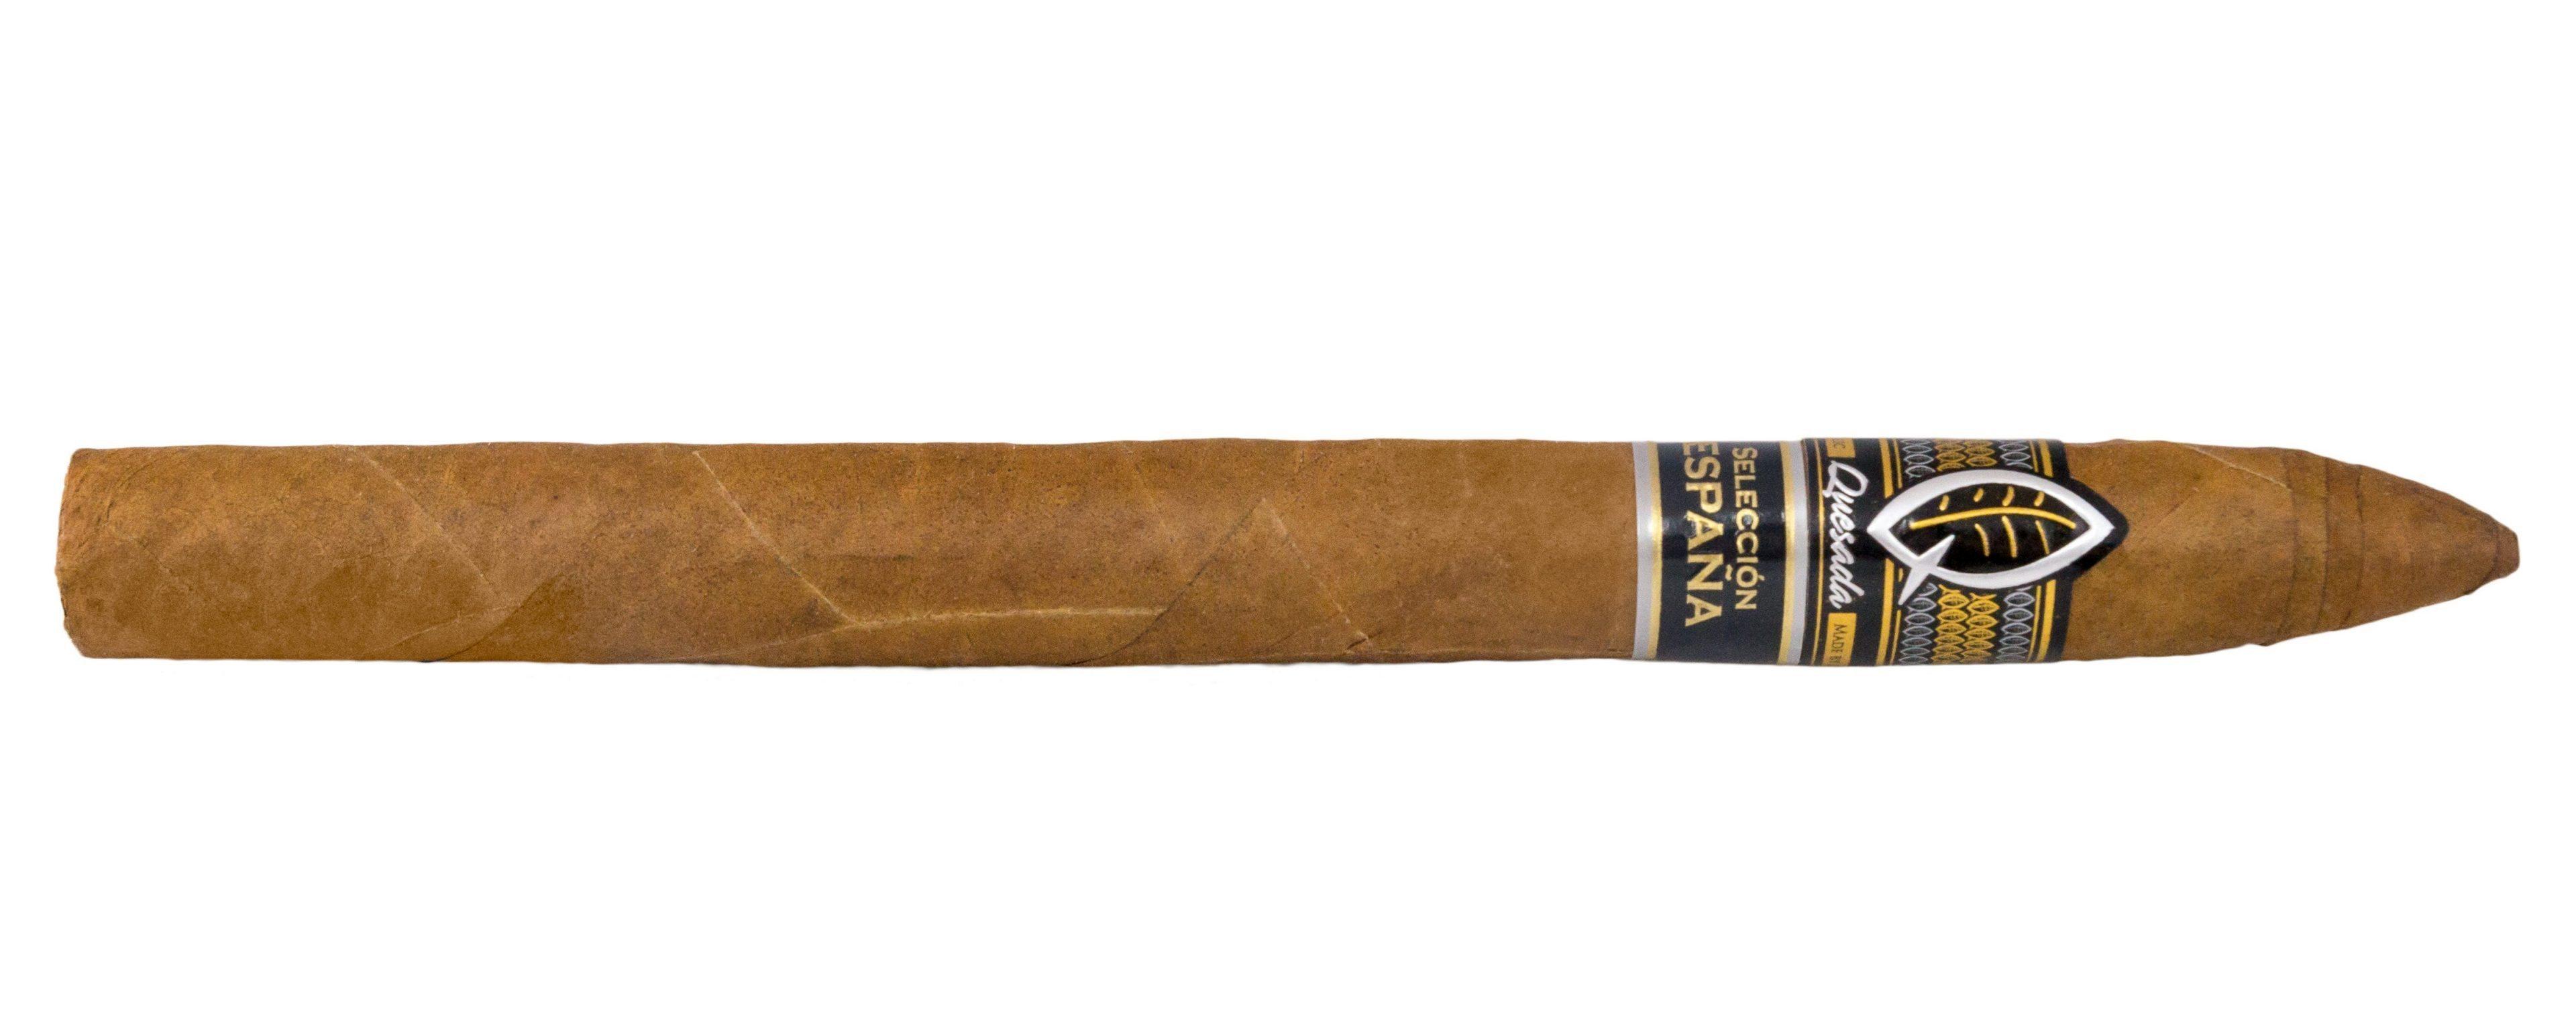 Blind Cigar Review: Quesada | Selección España Beli-Lance